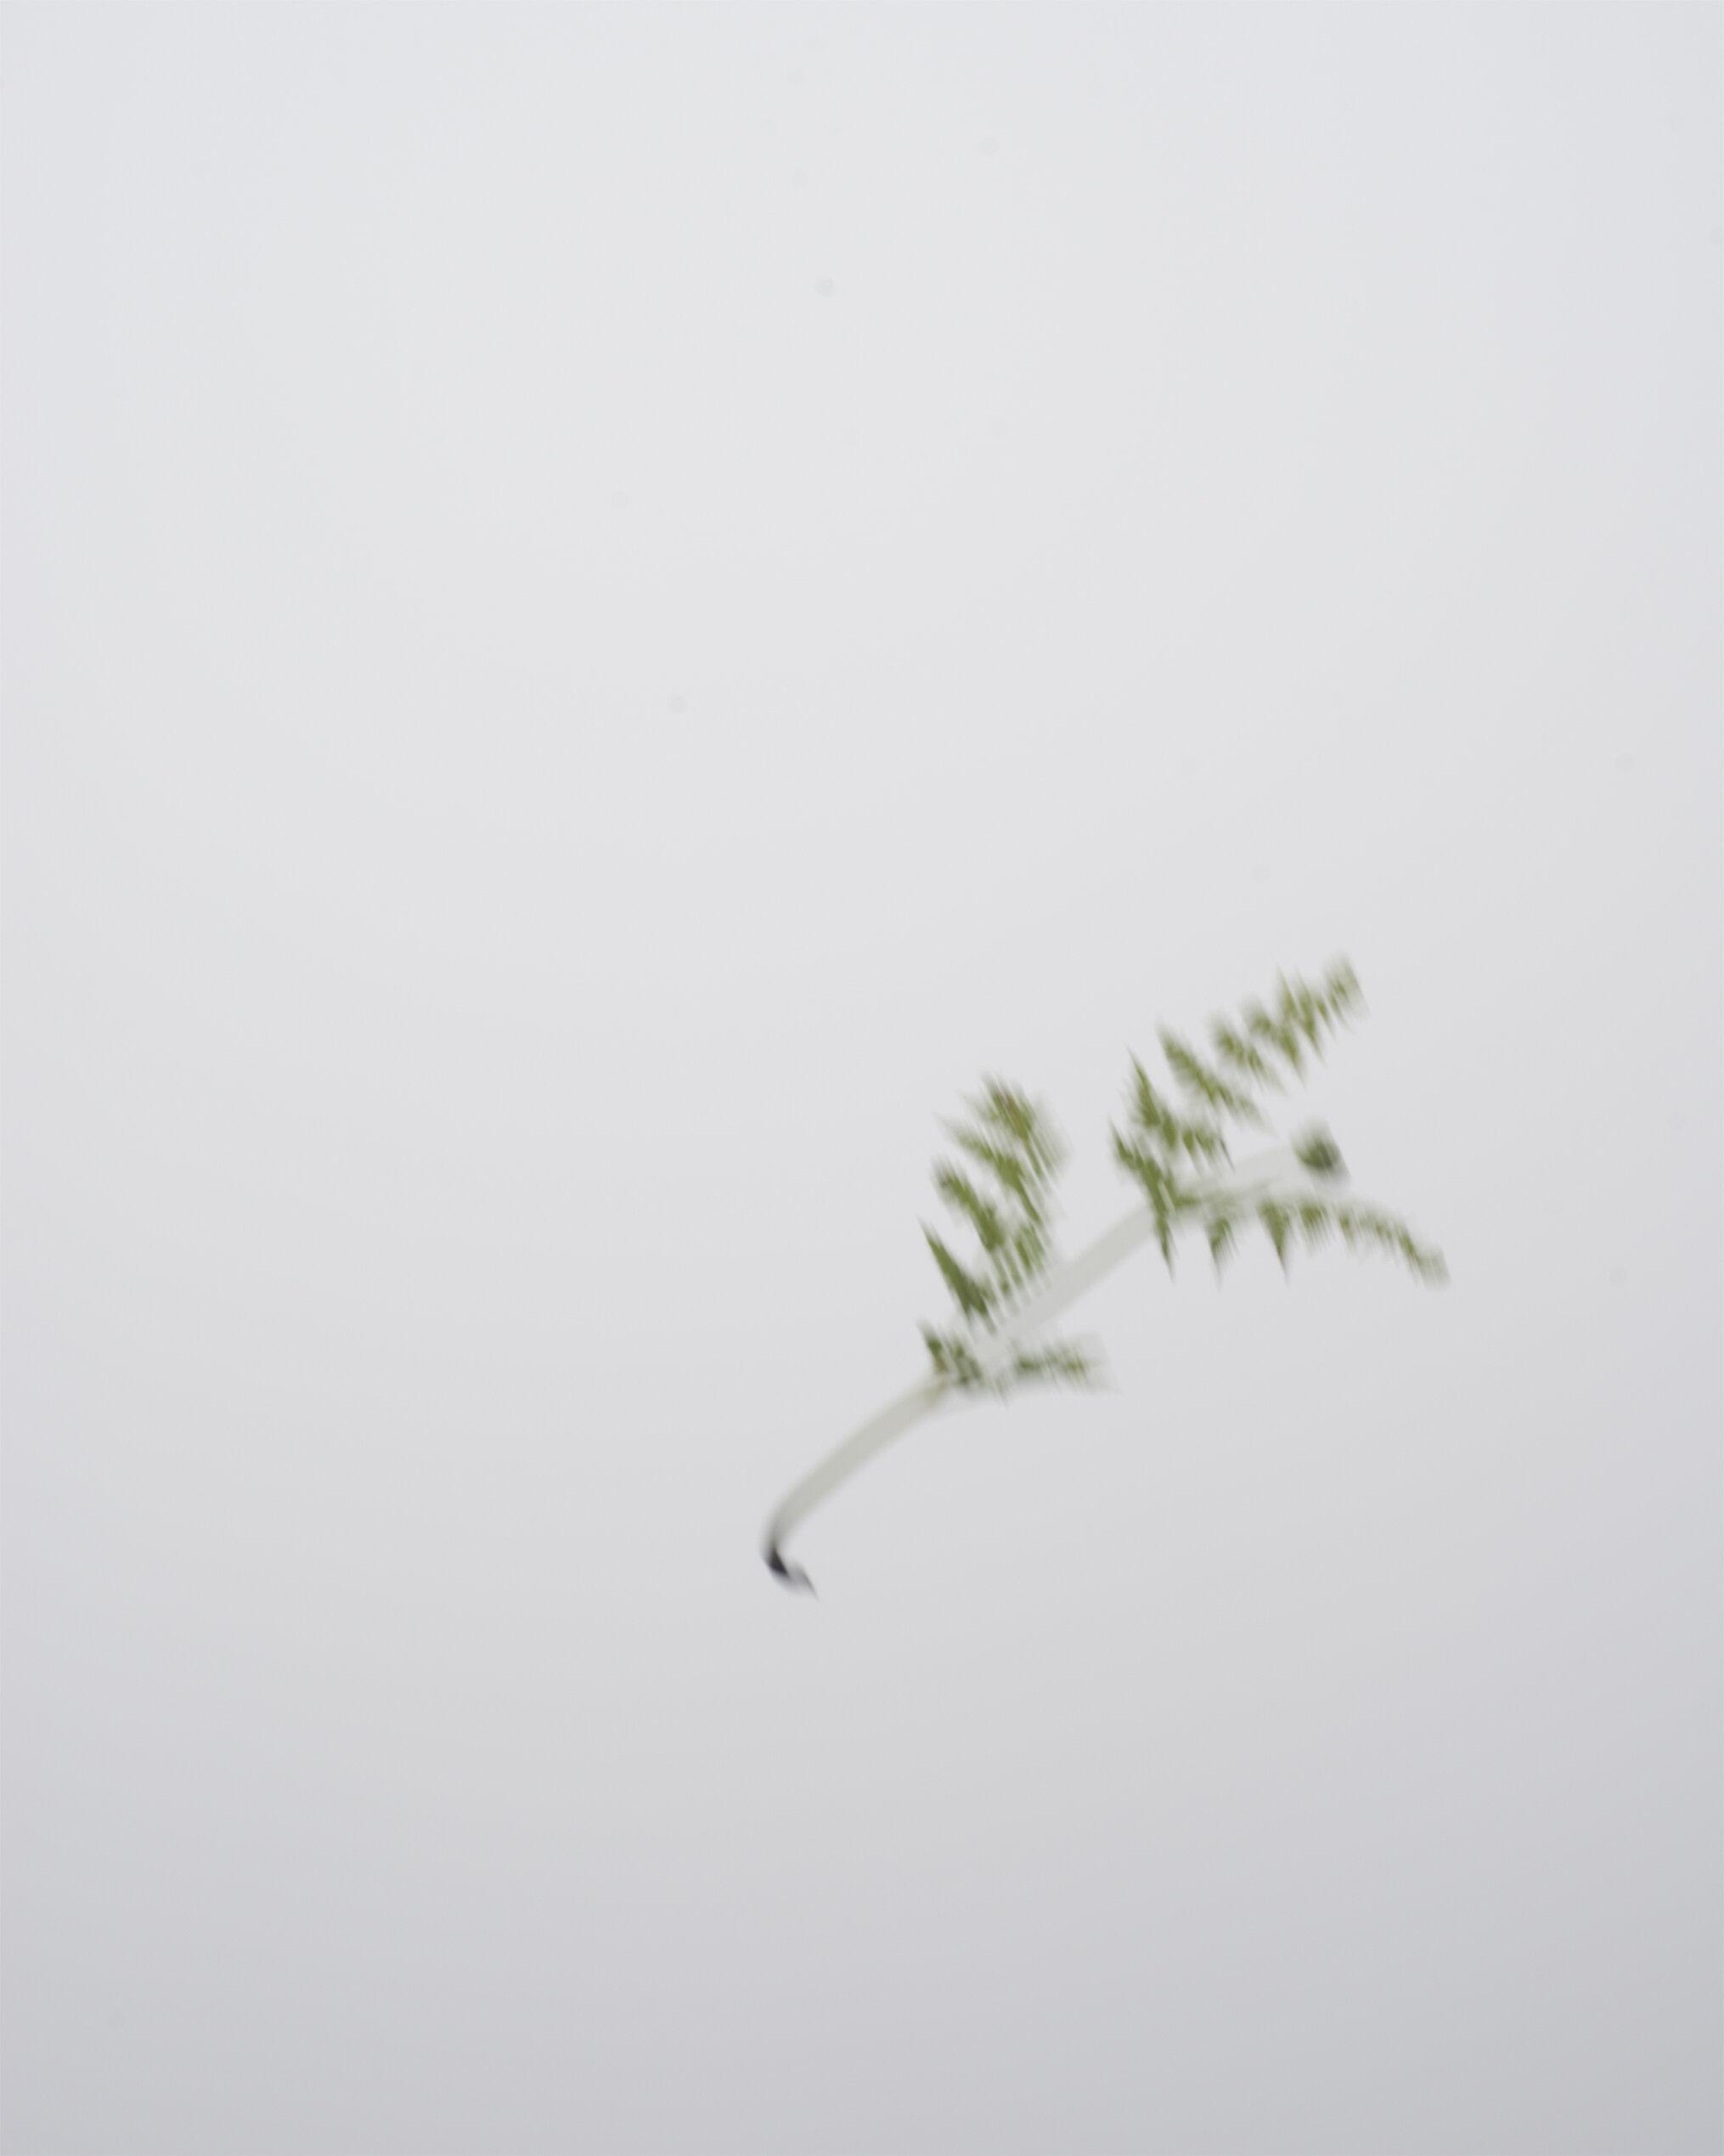 mist leaf.jpg